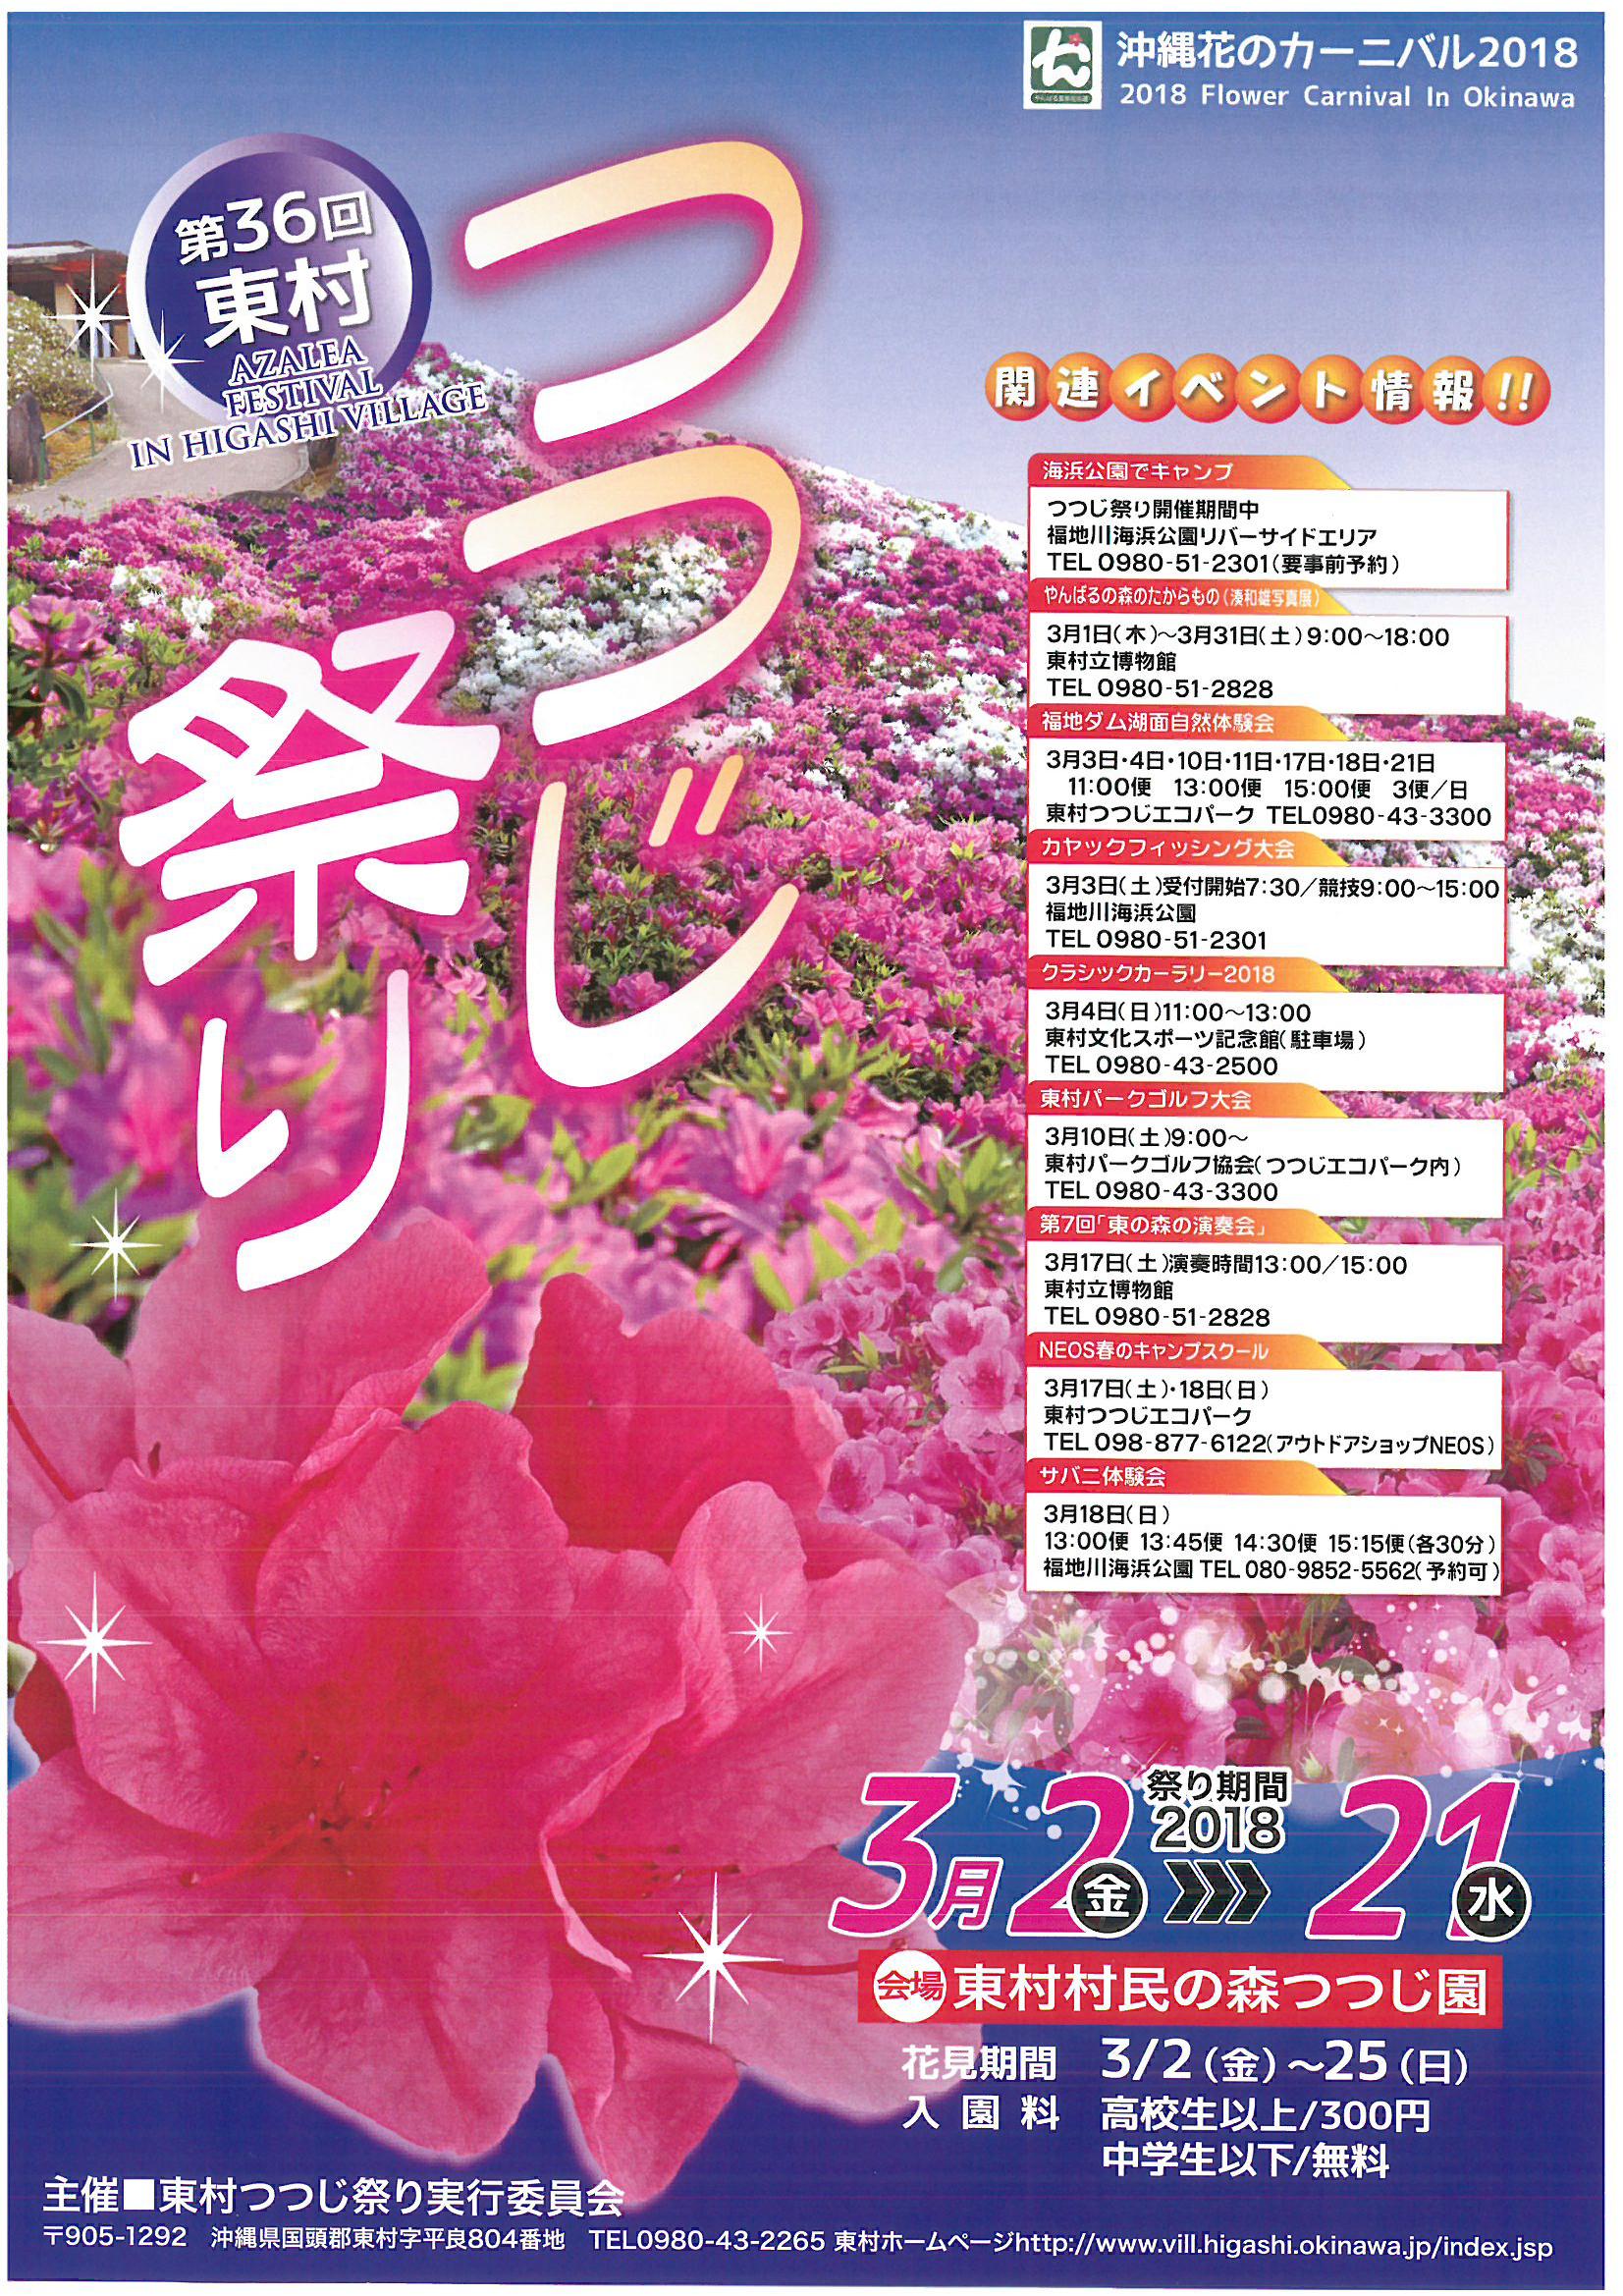 沖繩東村杜鵑花祭